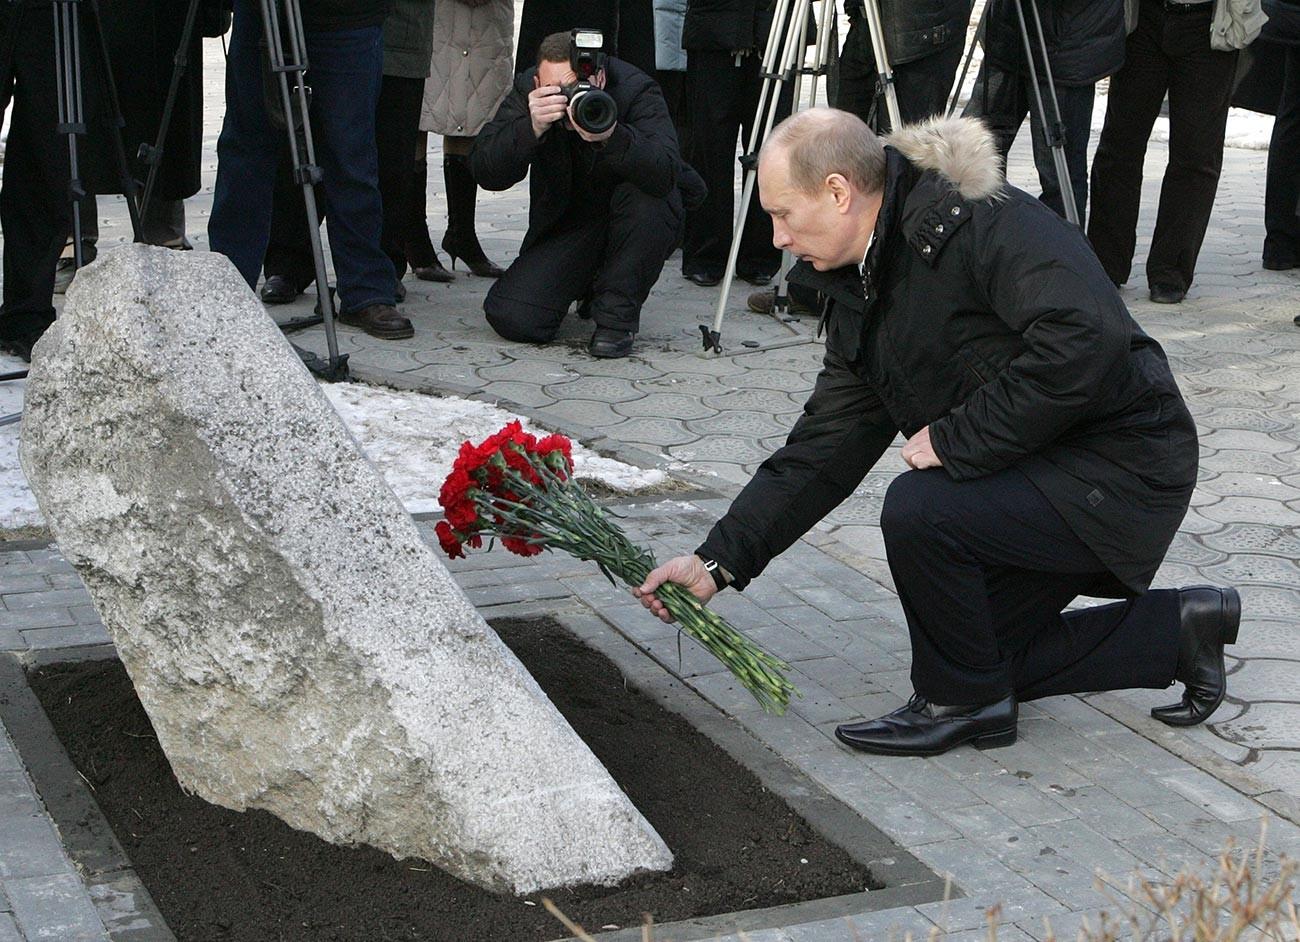 Predsjednik Rusije Vladimir Putin polaže cvijeće ispred spomen-kamena žrtvama događaja iz 1962. godine u prijestolnici kozaštva. Novočerkask, 1. veljače.